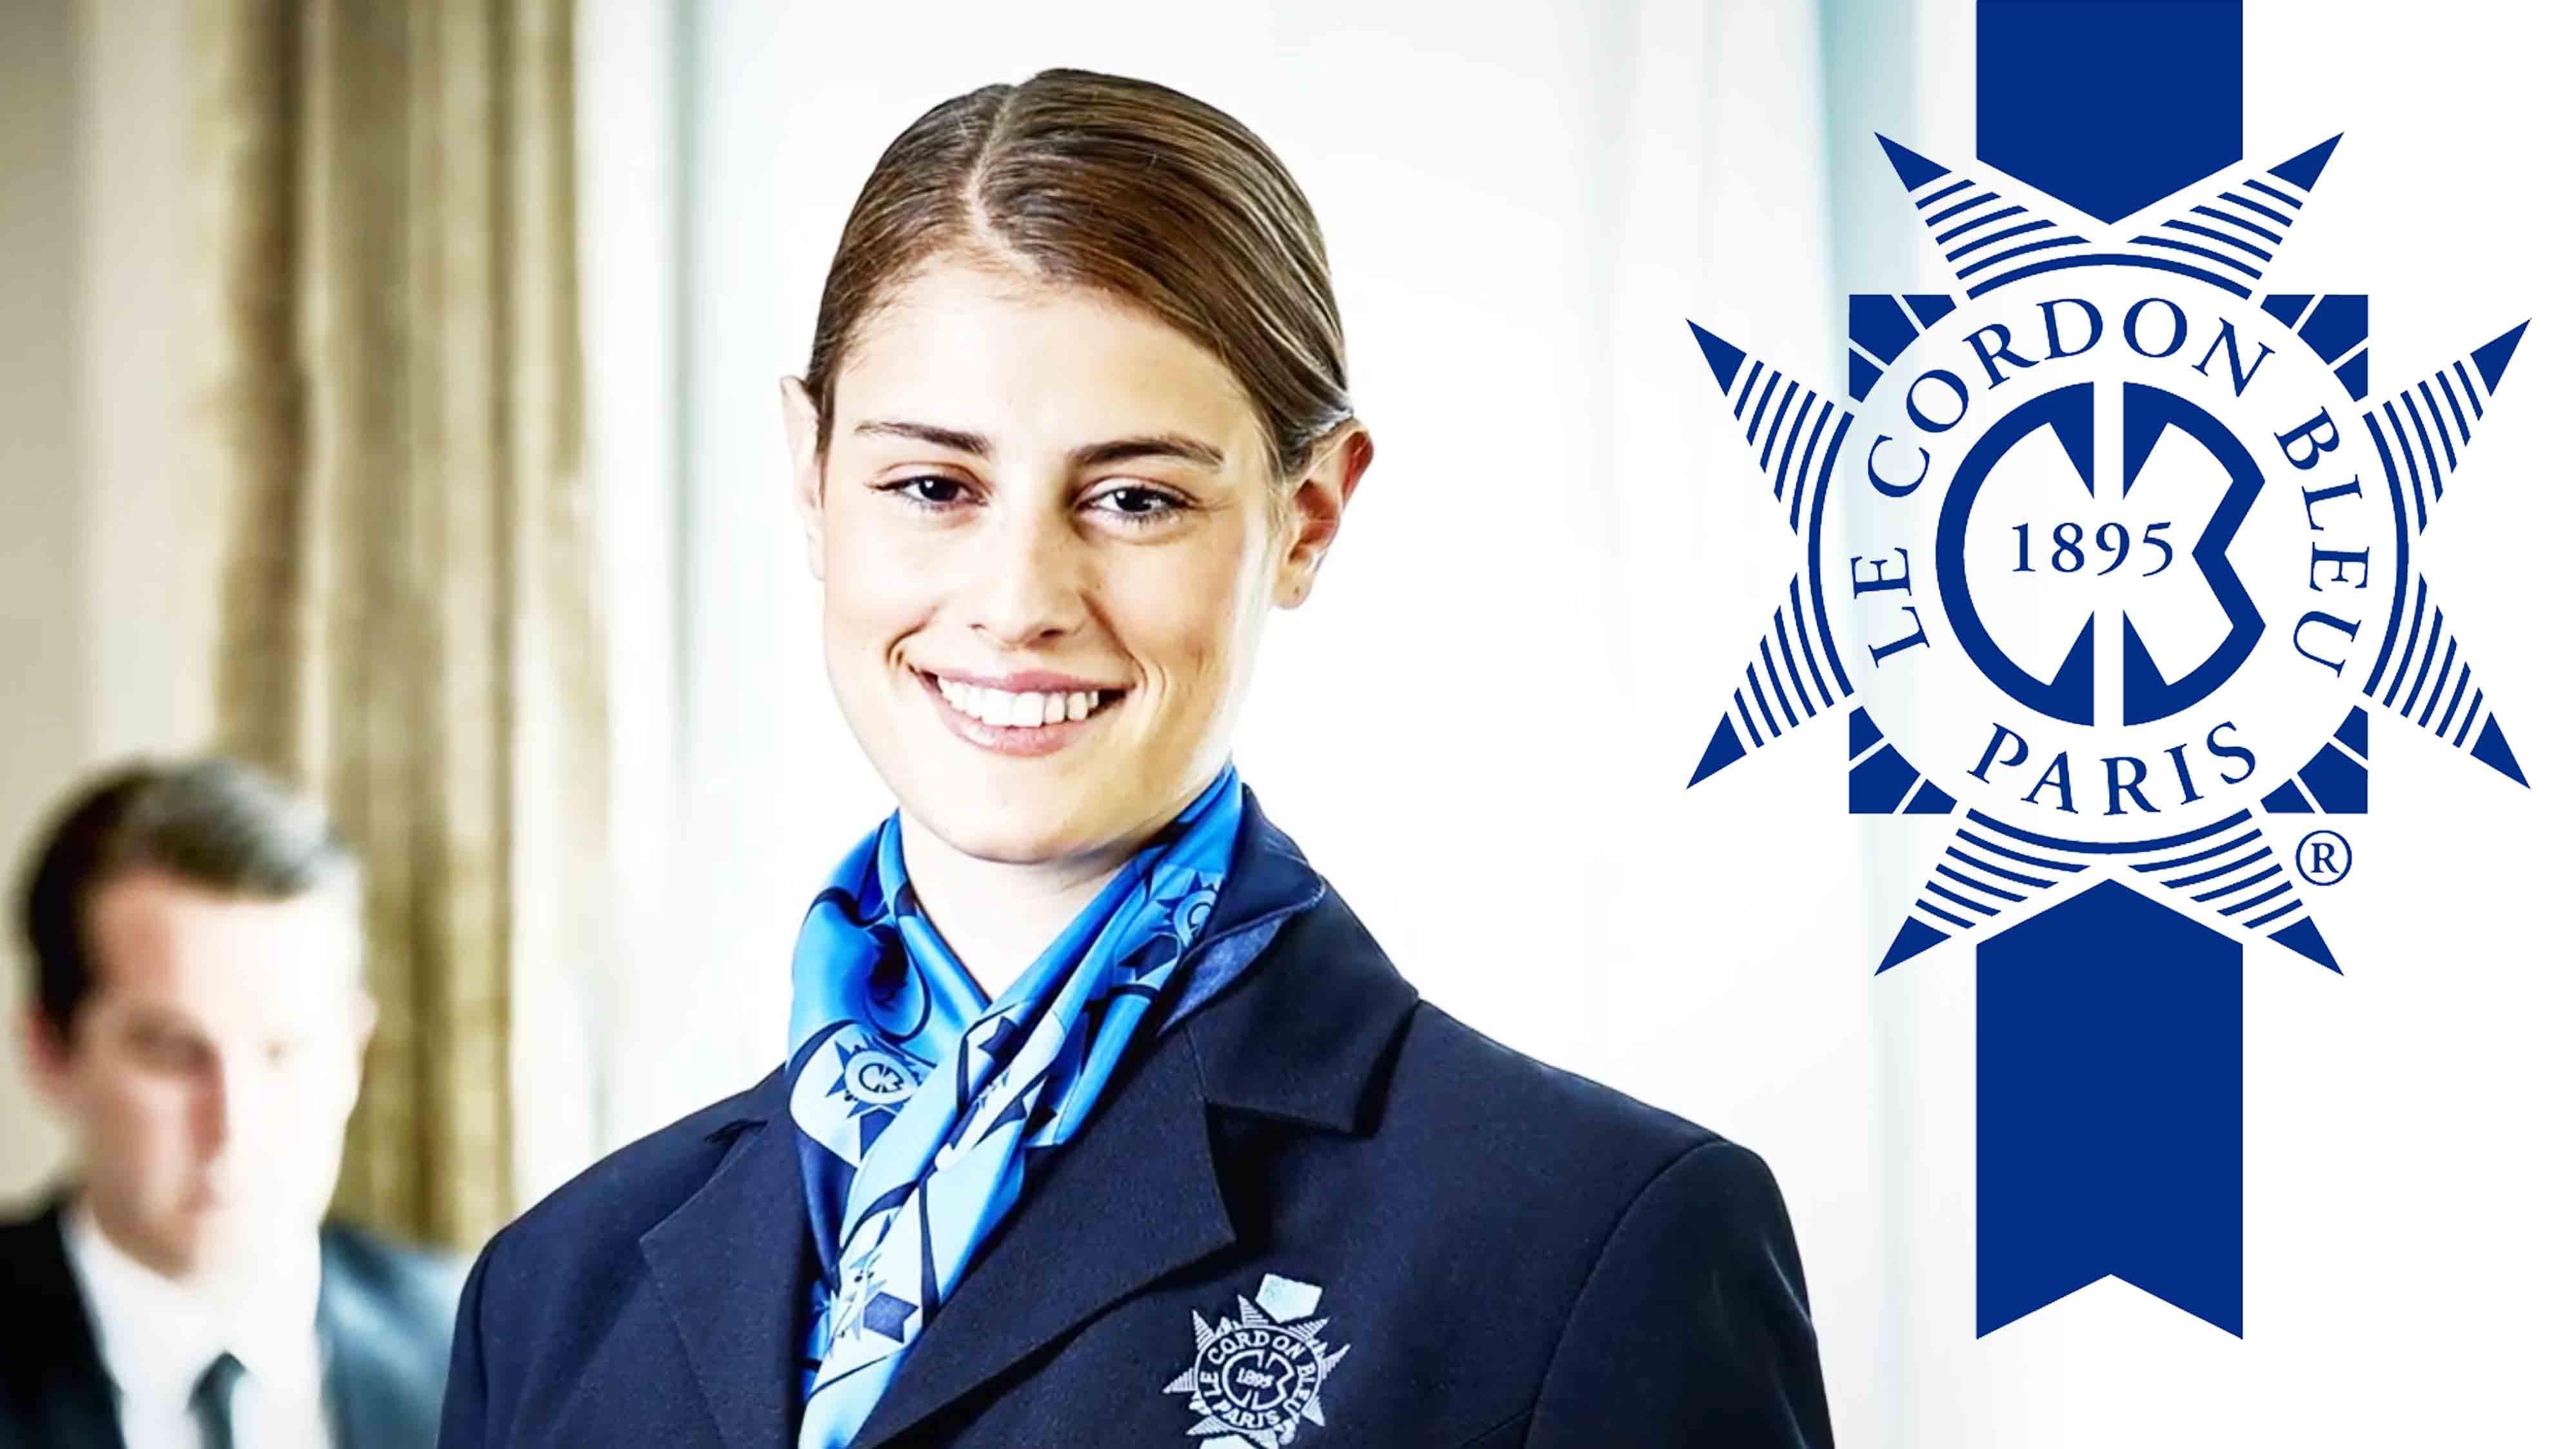 Được thành lập vào năm 1895, Học viện Le Cordon Bleu cho đến nay đã có hơn 120 năm kinh nghiệm giáo dục trong lĩnh vực ẩm thực, nhà hàng khách sạn. Vị thế giáo dục của trường chưa bao giờ bị suy chuyển bởi danh tiếng đã được khẳng định trên thế giới, cho phép sinh viên tốt nghiệp có cơ hội xây dựng một sự nghiệp đẳng cấp đầy khác biệt. Le Cordon Bleu có mặt tại Úc và chính thức đón sinh viên vào năm 1996. Ban đầu trường thành lập cơ sở đào tạo tại Sydney - một thành phố phồn hoa đô hội của tiểu bang New South Wales. Những năm sau đó, trường tiếp tục mở rộng mạng lưới đào tạo đến các thành phố du lịch náo nhiệt của đất nước kangaroo là Melbourne, Adelaide, Brisbane. Đây được xem là một trong số ít phân viện giáo dục của trường trên toàn cầu đào tạo đa dạng bậc học nhất, bao gồm chương trình lấy chứng chỉ, cao đẳng đến cử nhân, thạc sĩ. Ước tính mỗi năm có khoảng 2.000 sinh viên bản xứ lẫn quốc tế chọn học ngành ẩm thực, nhà hàng khách sạn tại Học viện Le Cordon Bleu Úc, qua đó tạo nên môi trường giáo dục đa văn hóa giàu bản sắc để bạn có cơ hội học hỏi những điều thú vị.